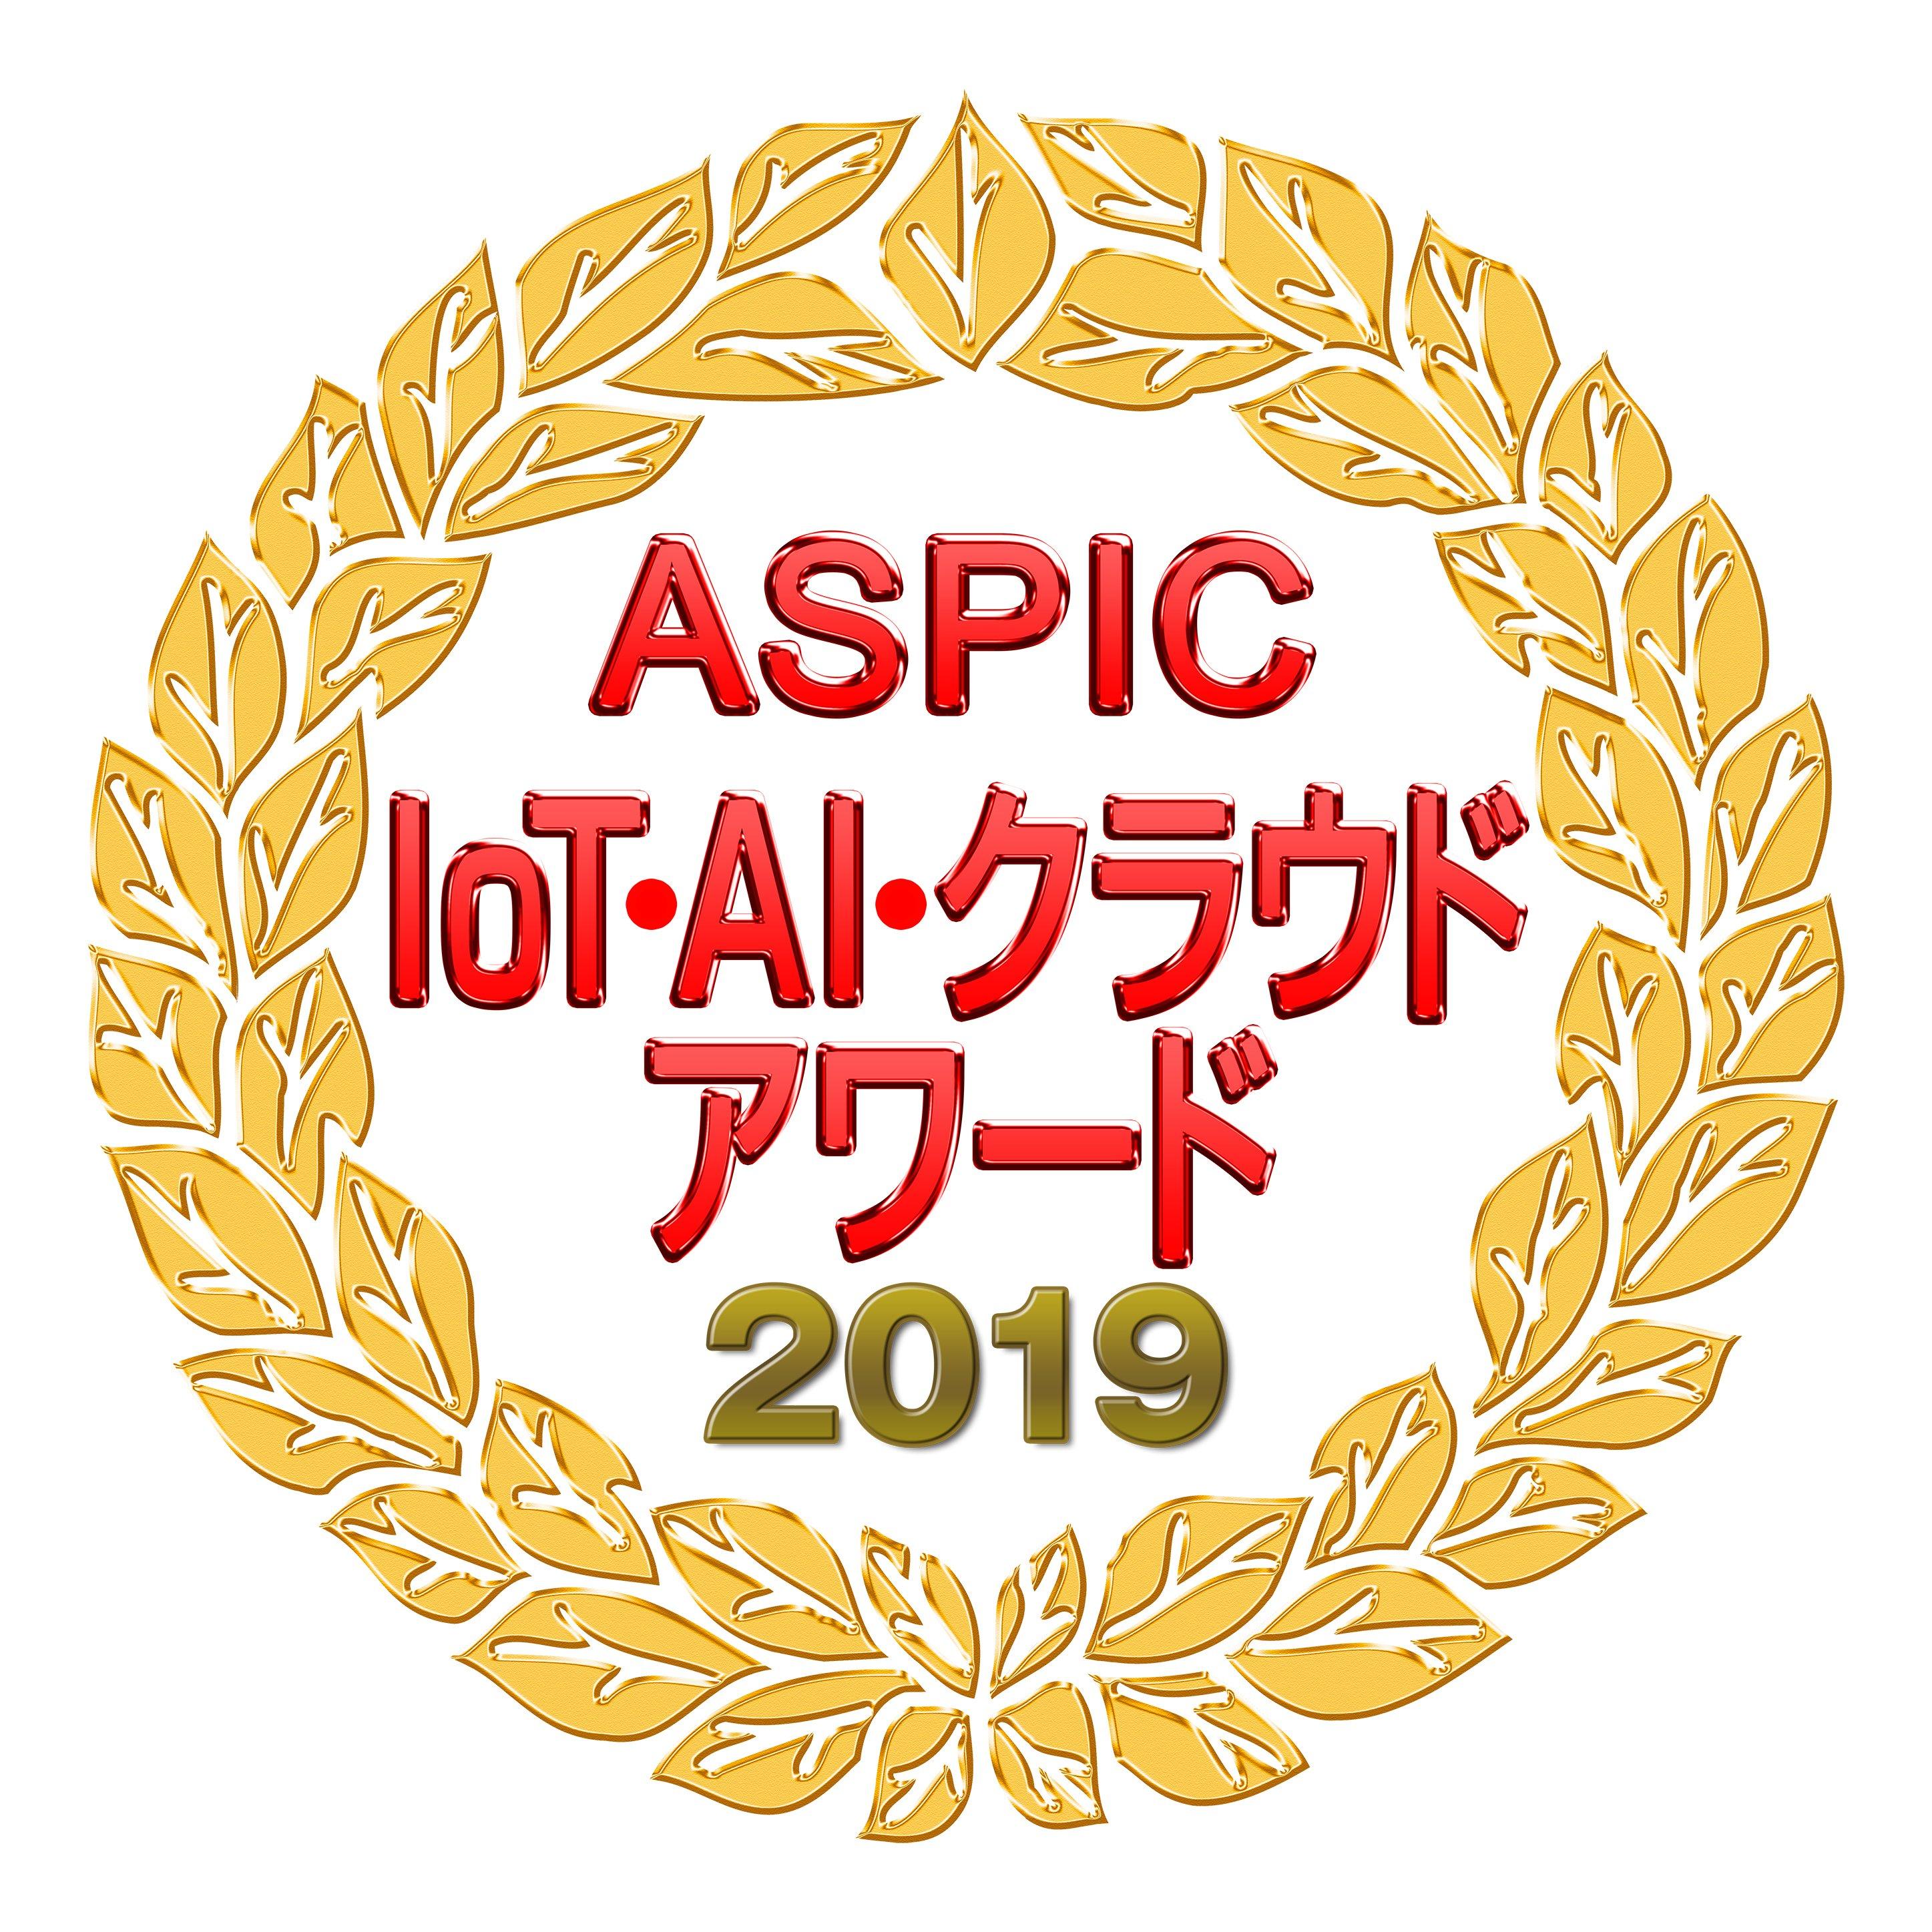 ASPICアワードロゴ